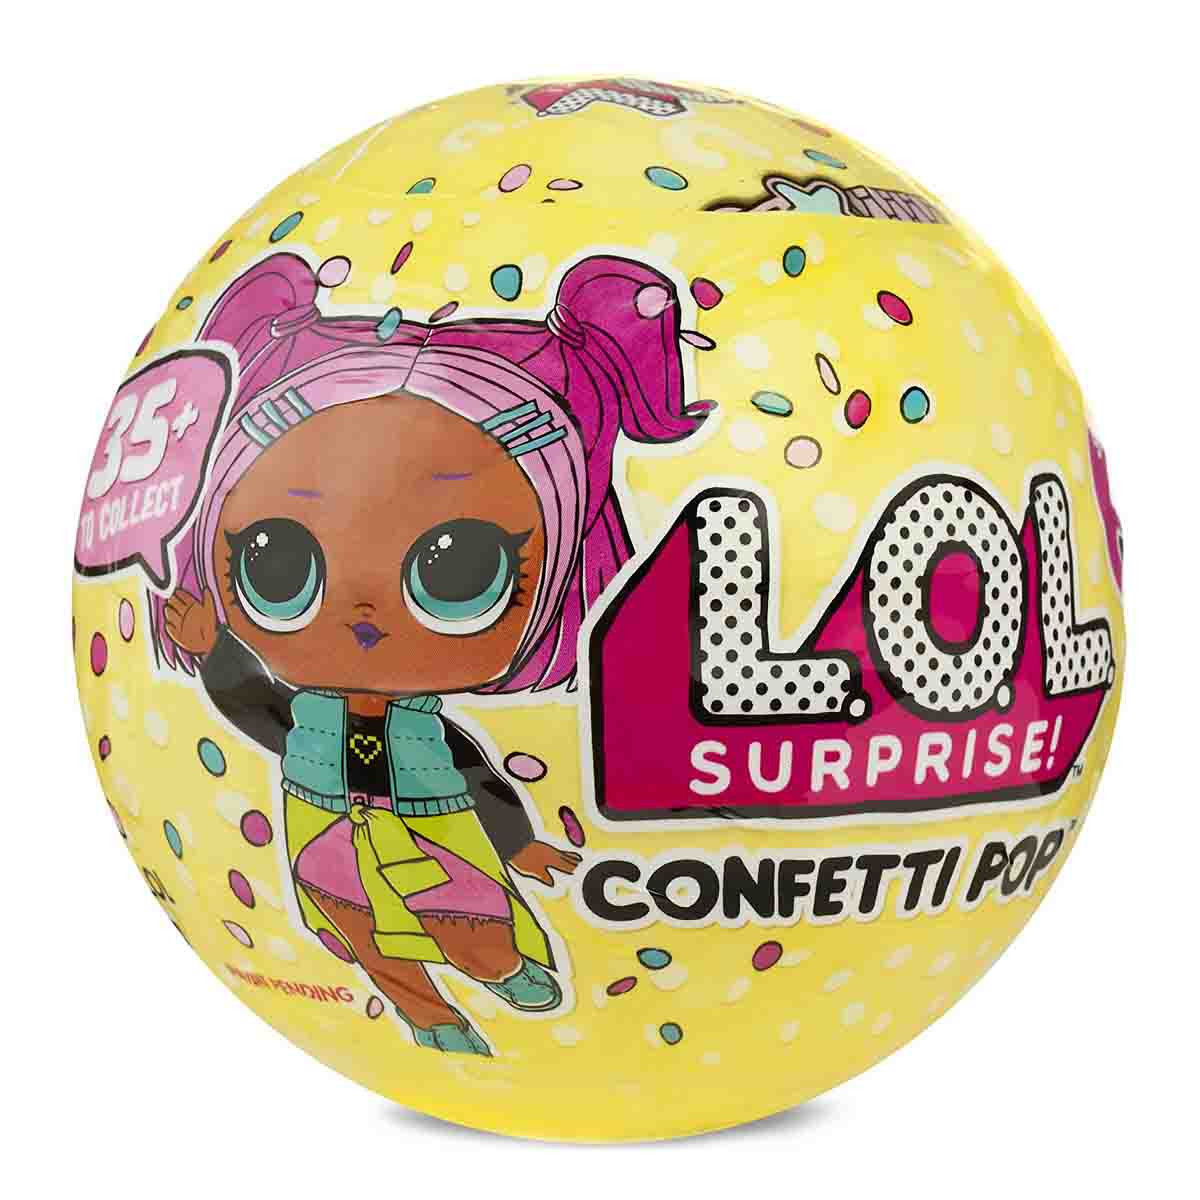 ОРИГІНАЛ L.O.L. Лялька сюрприз ЛОЛ конфетті серія 3 Кукла-сюрприз LOL конфетт confetti POP series 3